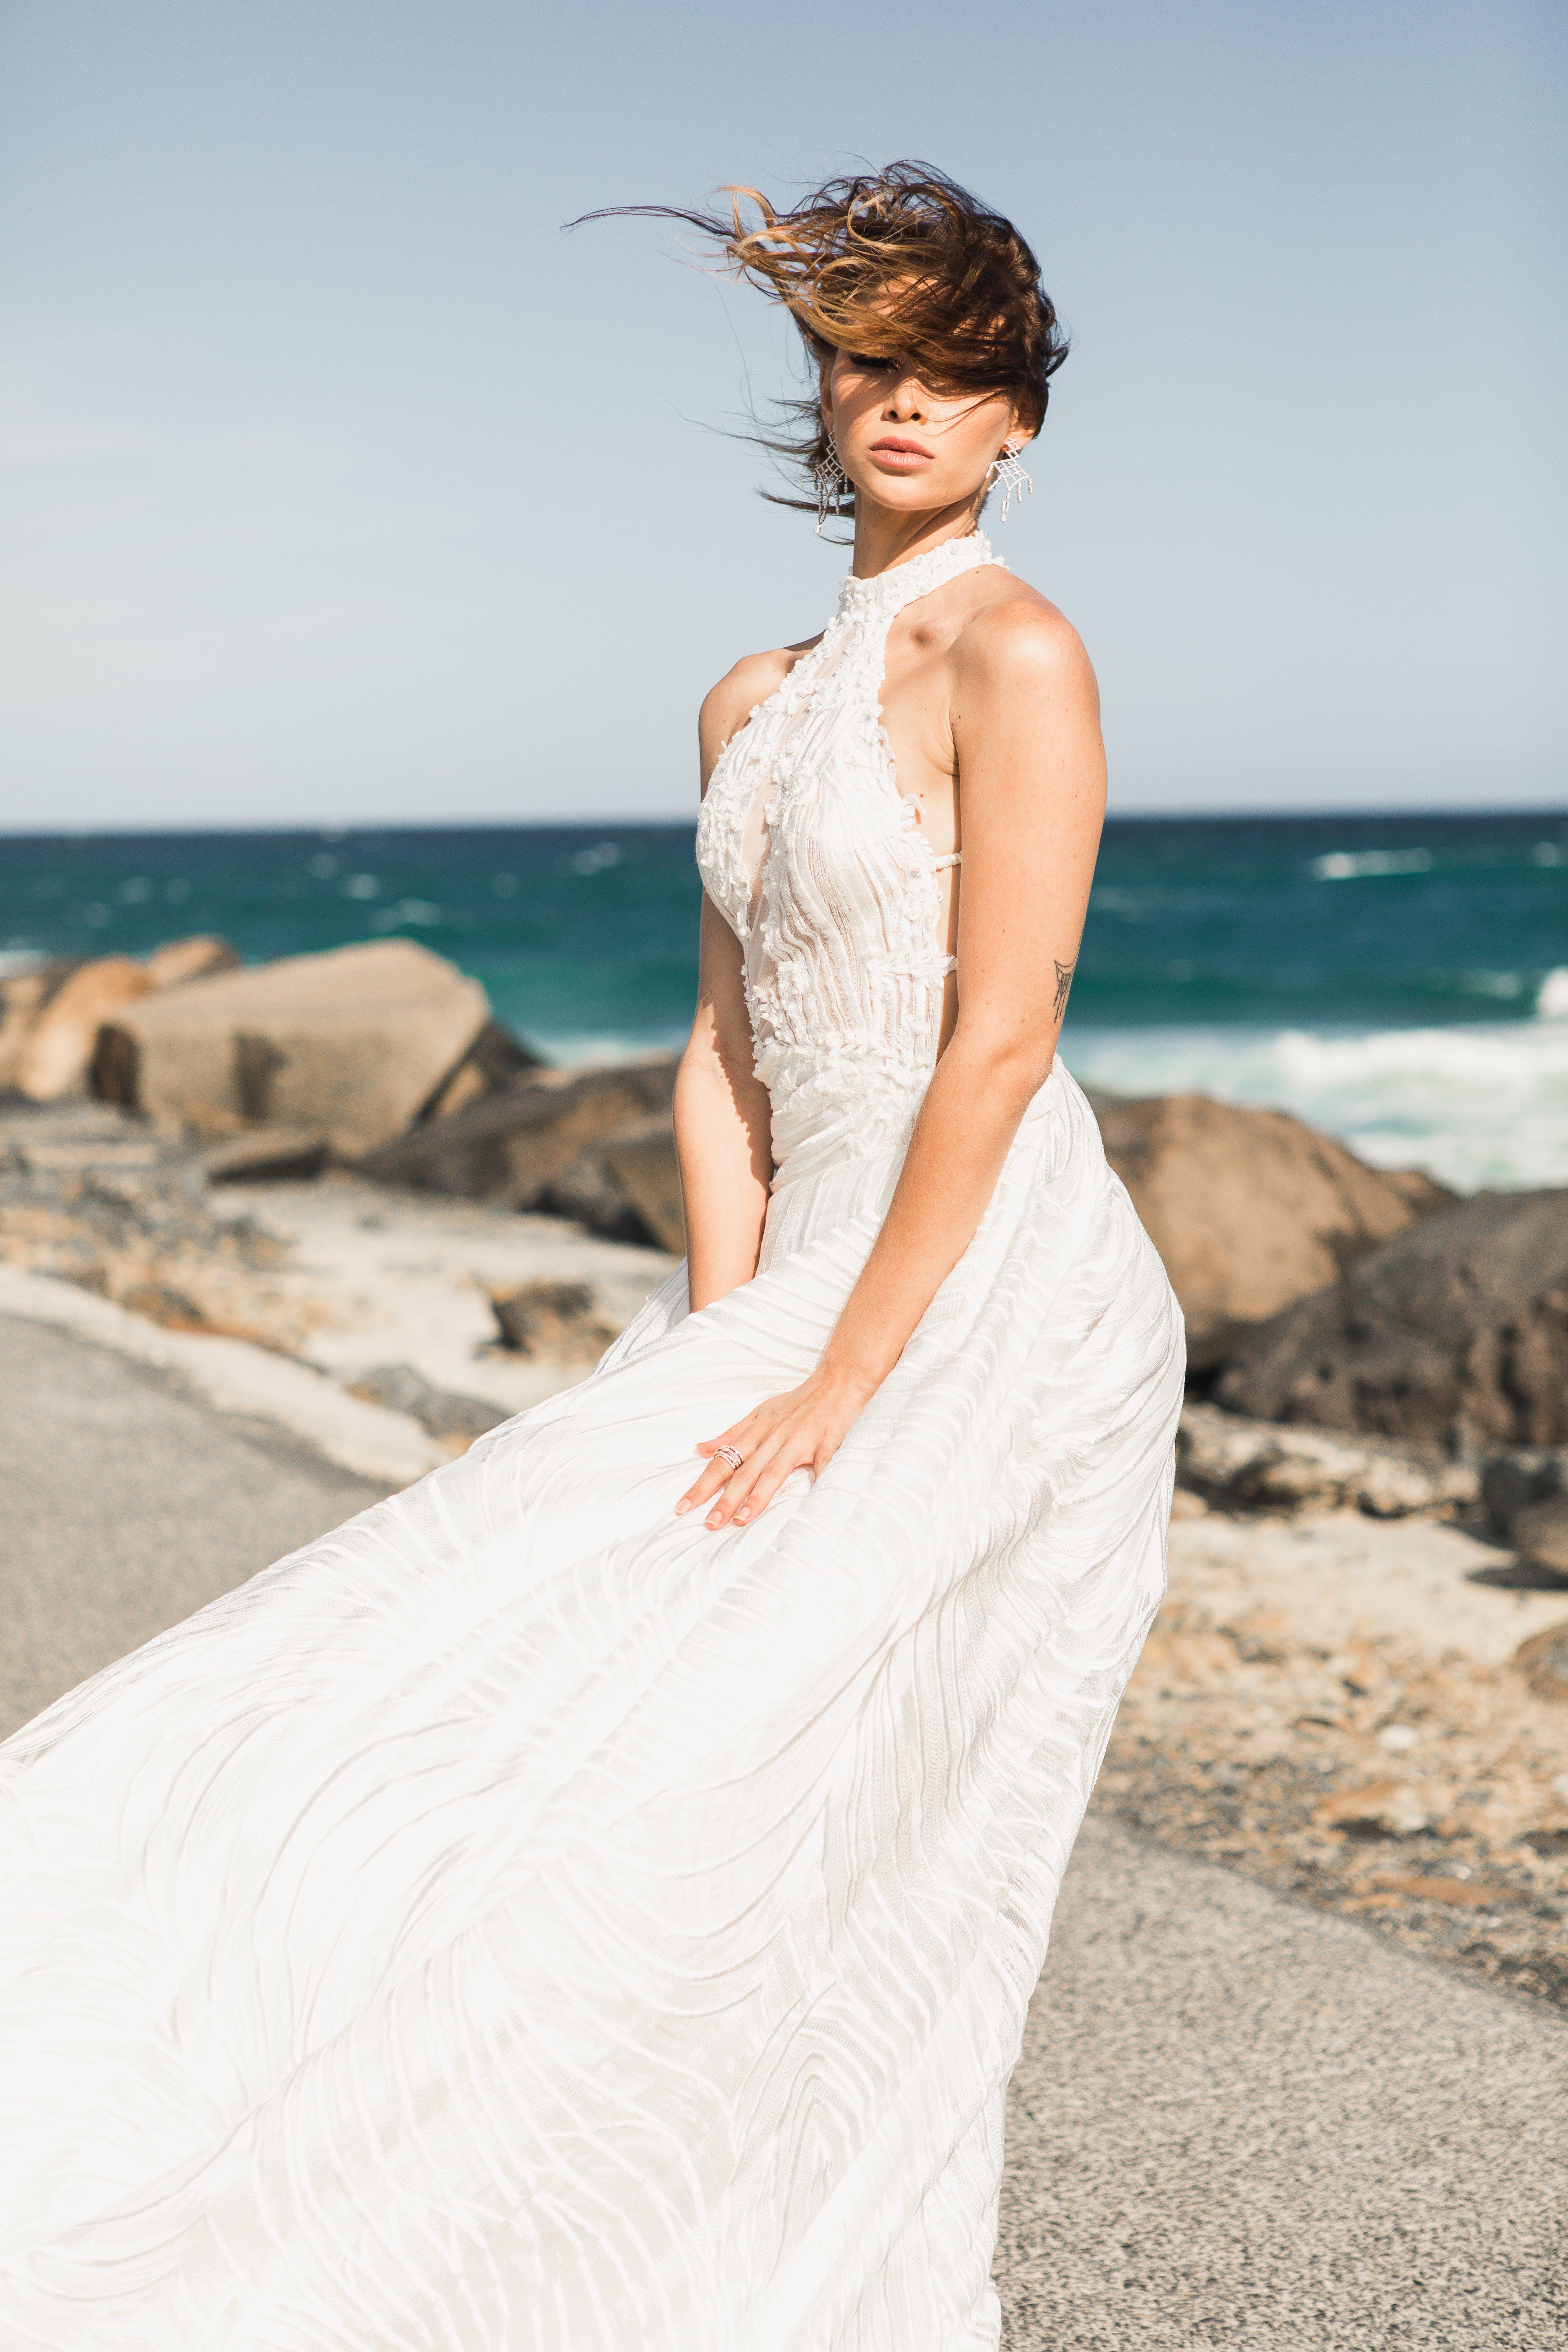 ウェディングドレス, 人, 女性, 結婚式用のガウンの無料の写真素材